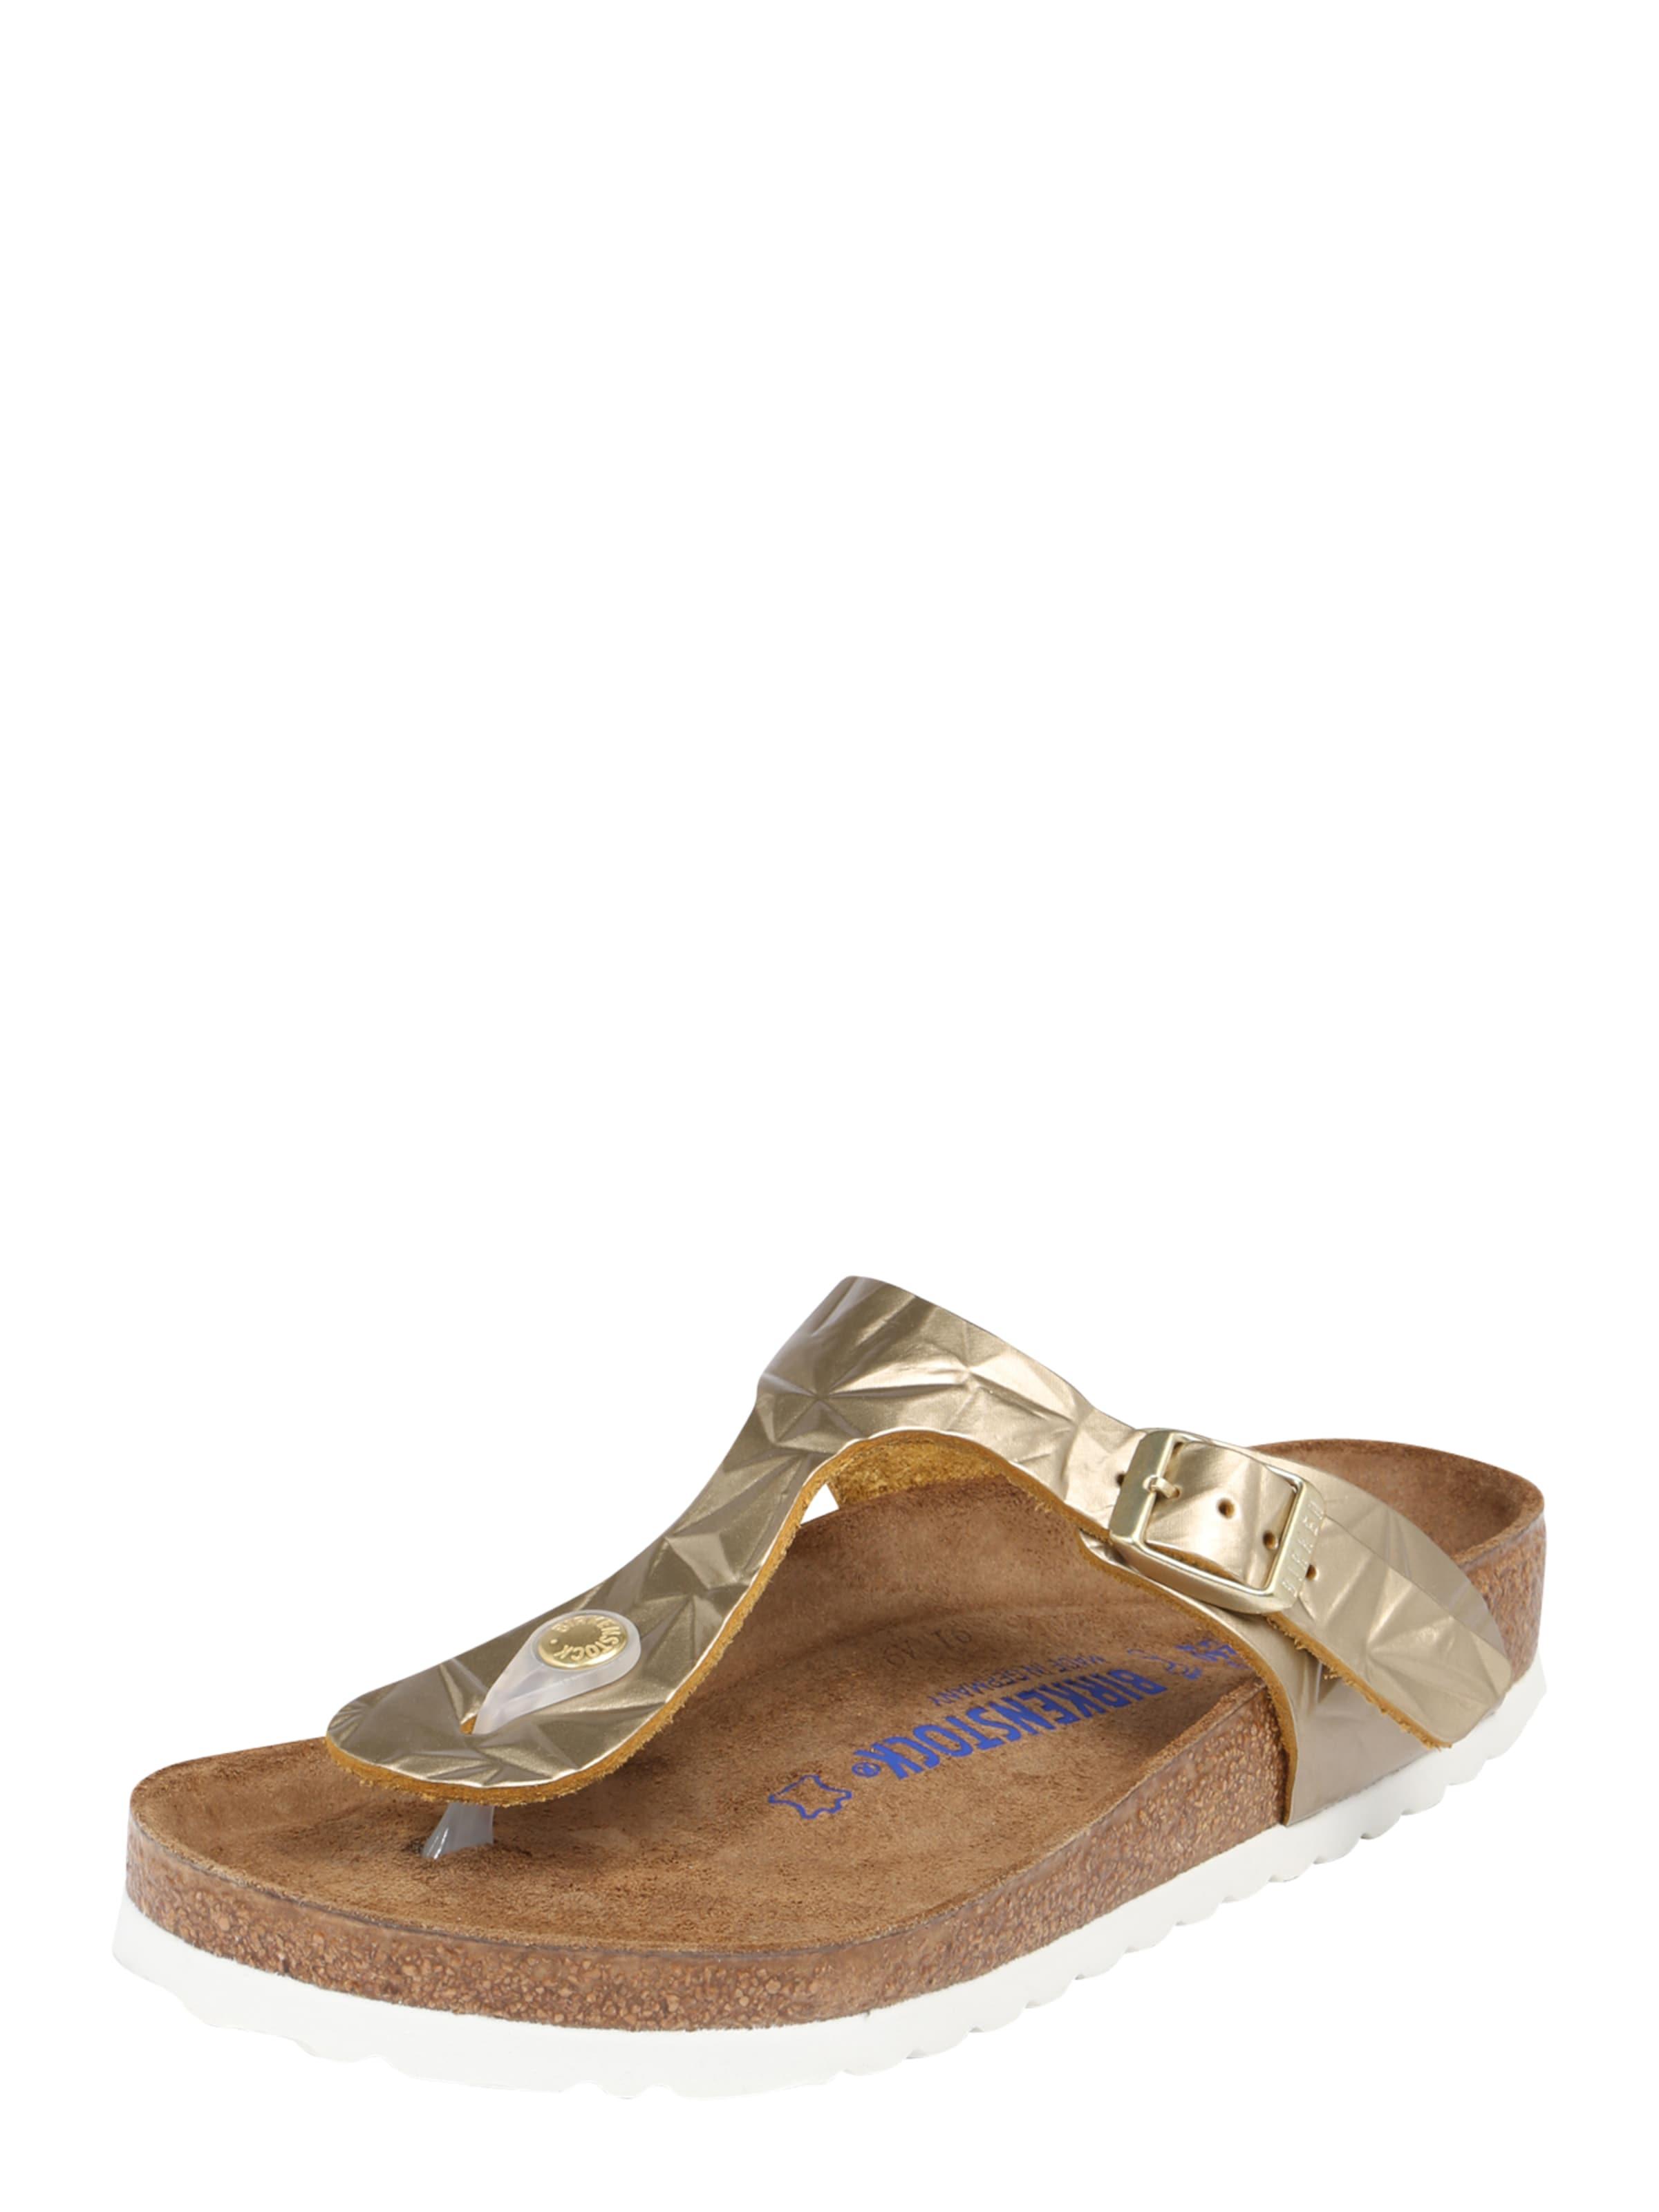 Birkenstock Sandales Or « Gizeh » rmMU6O0i